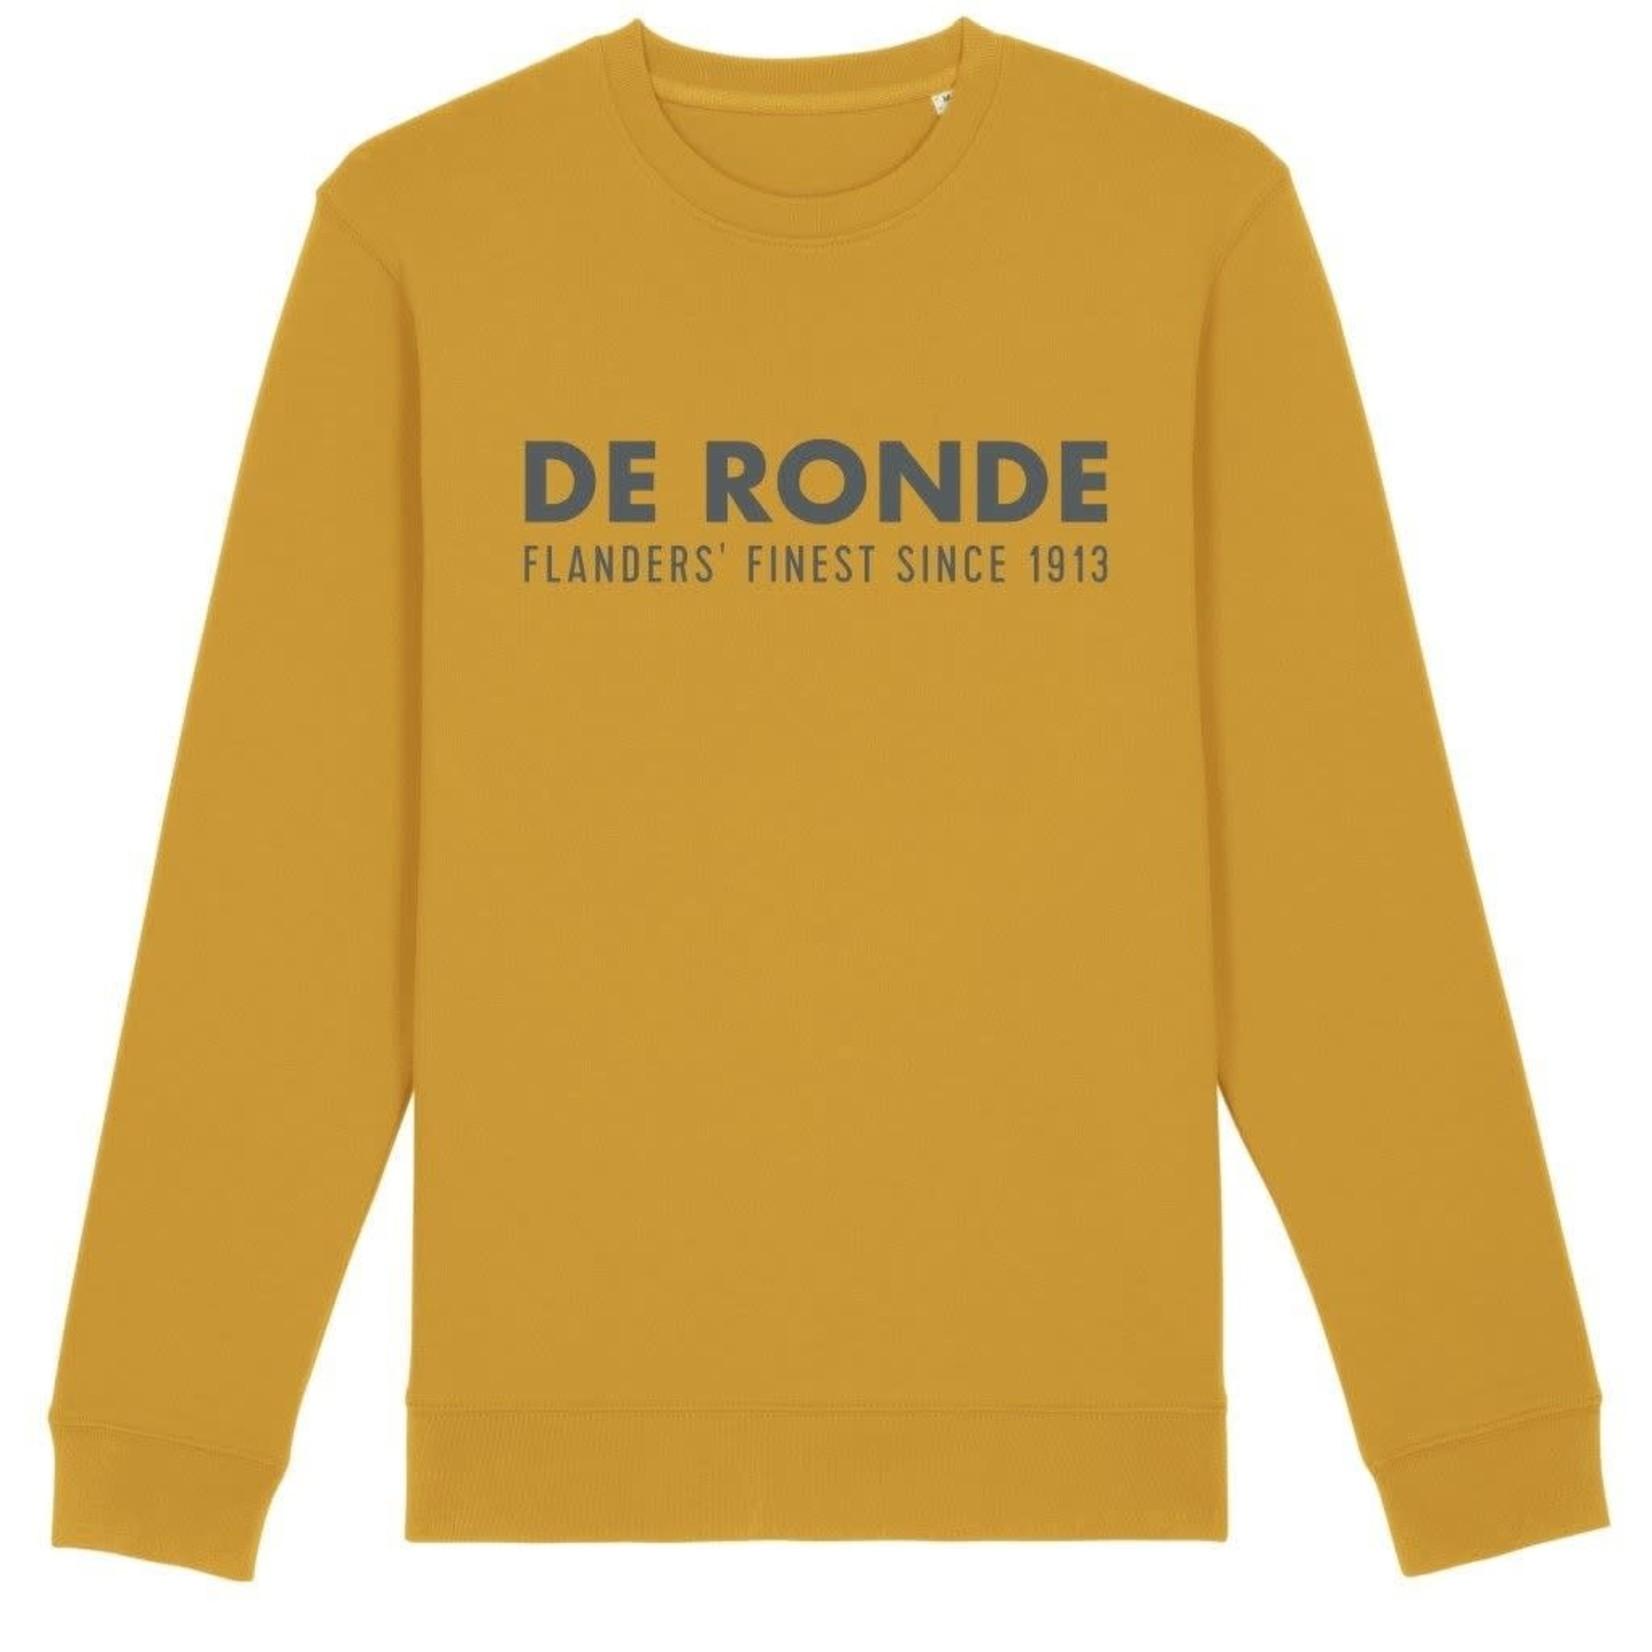 Sweater 'De Ronde' mosterd